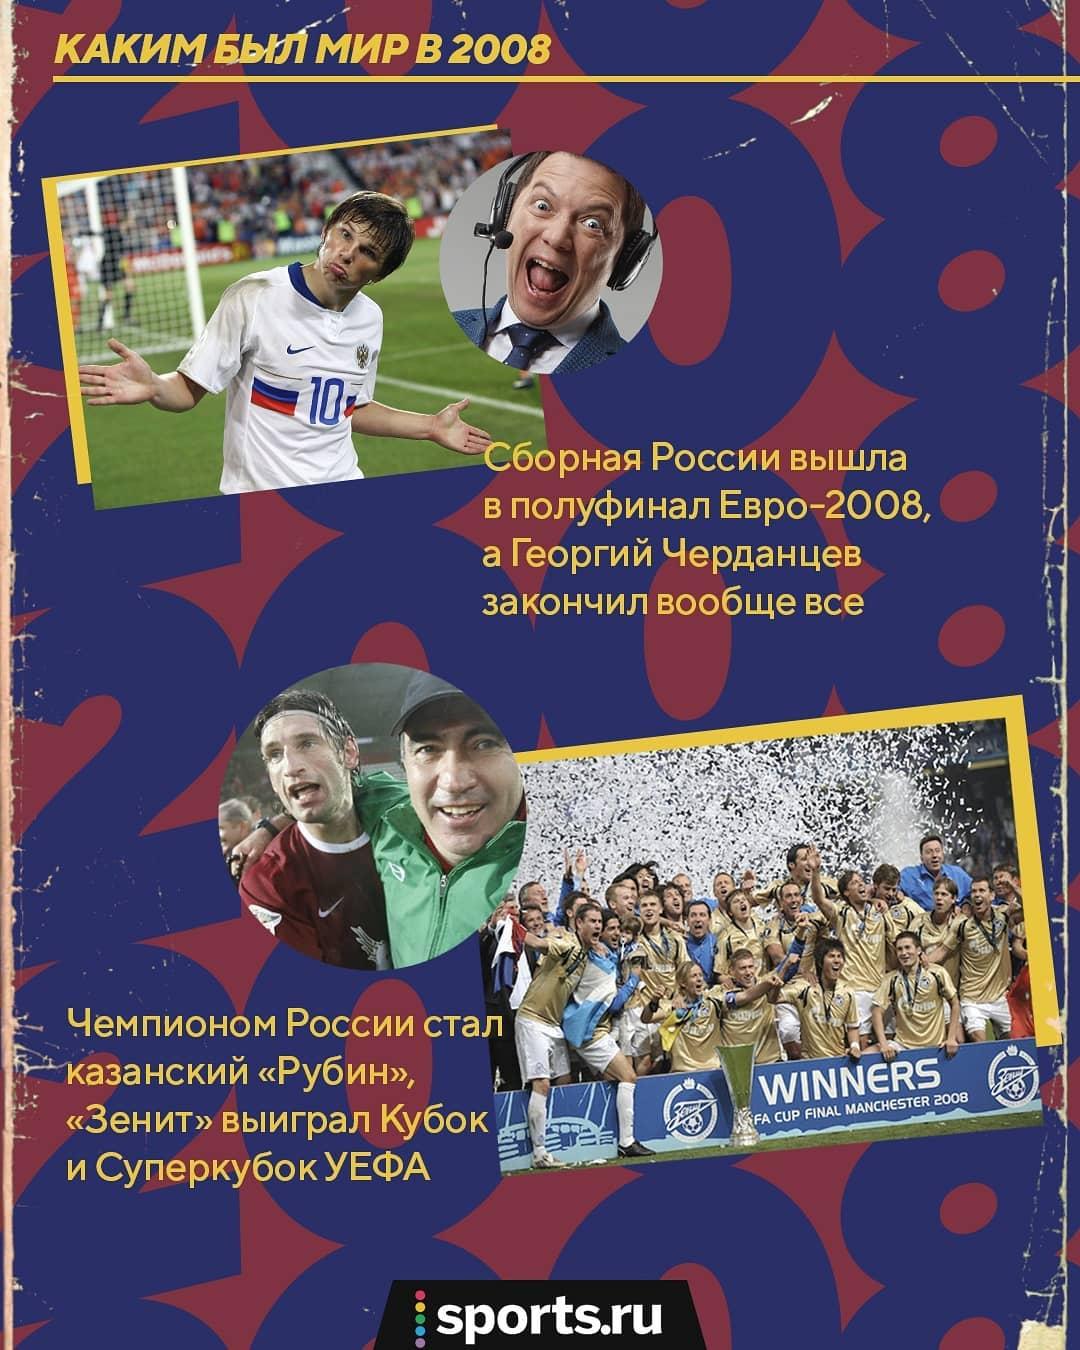 Победа «Зенита» в Кубке УЕФА, Билан – первый на «Евровидении» а Черданцев закончил вообще все! Каким был мир в 2008-м?